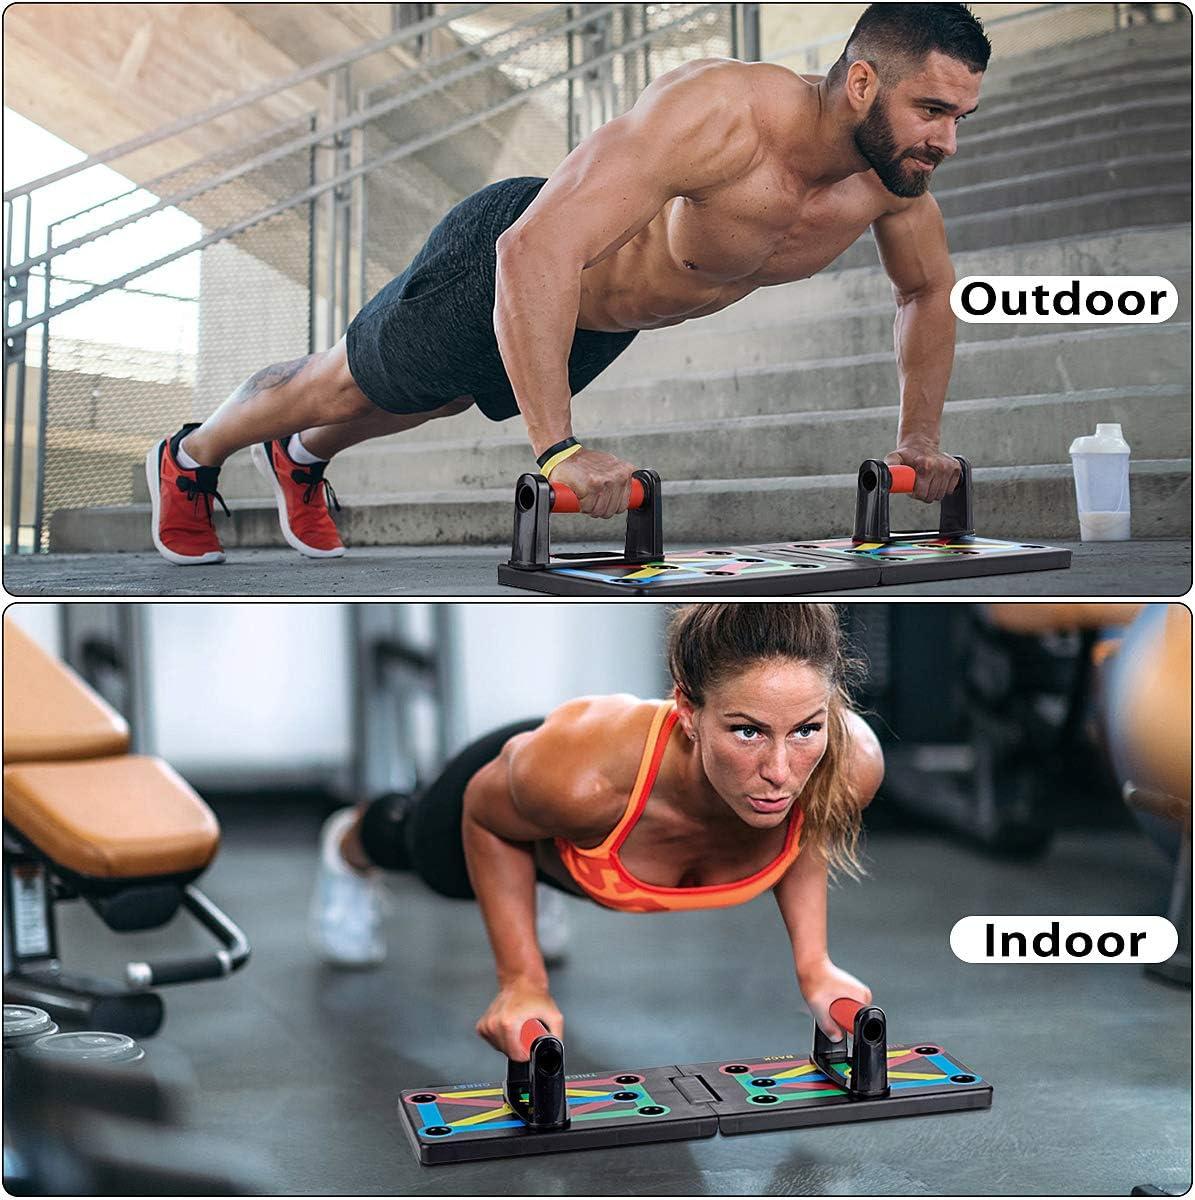 ISE 12 in 1 Push Up Musculation Push Up Board avec Poign/ée Pliable Multifonction de Pompes Abdominaux entra/înement de Fitness SY-MG006